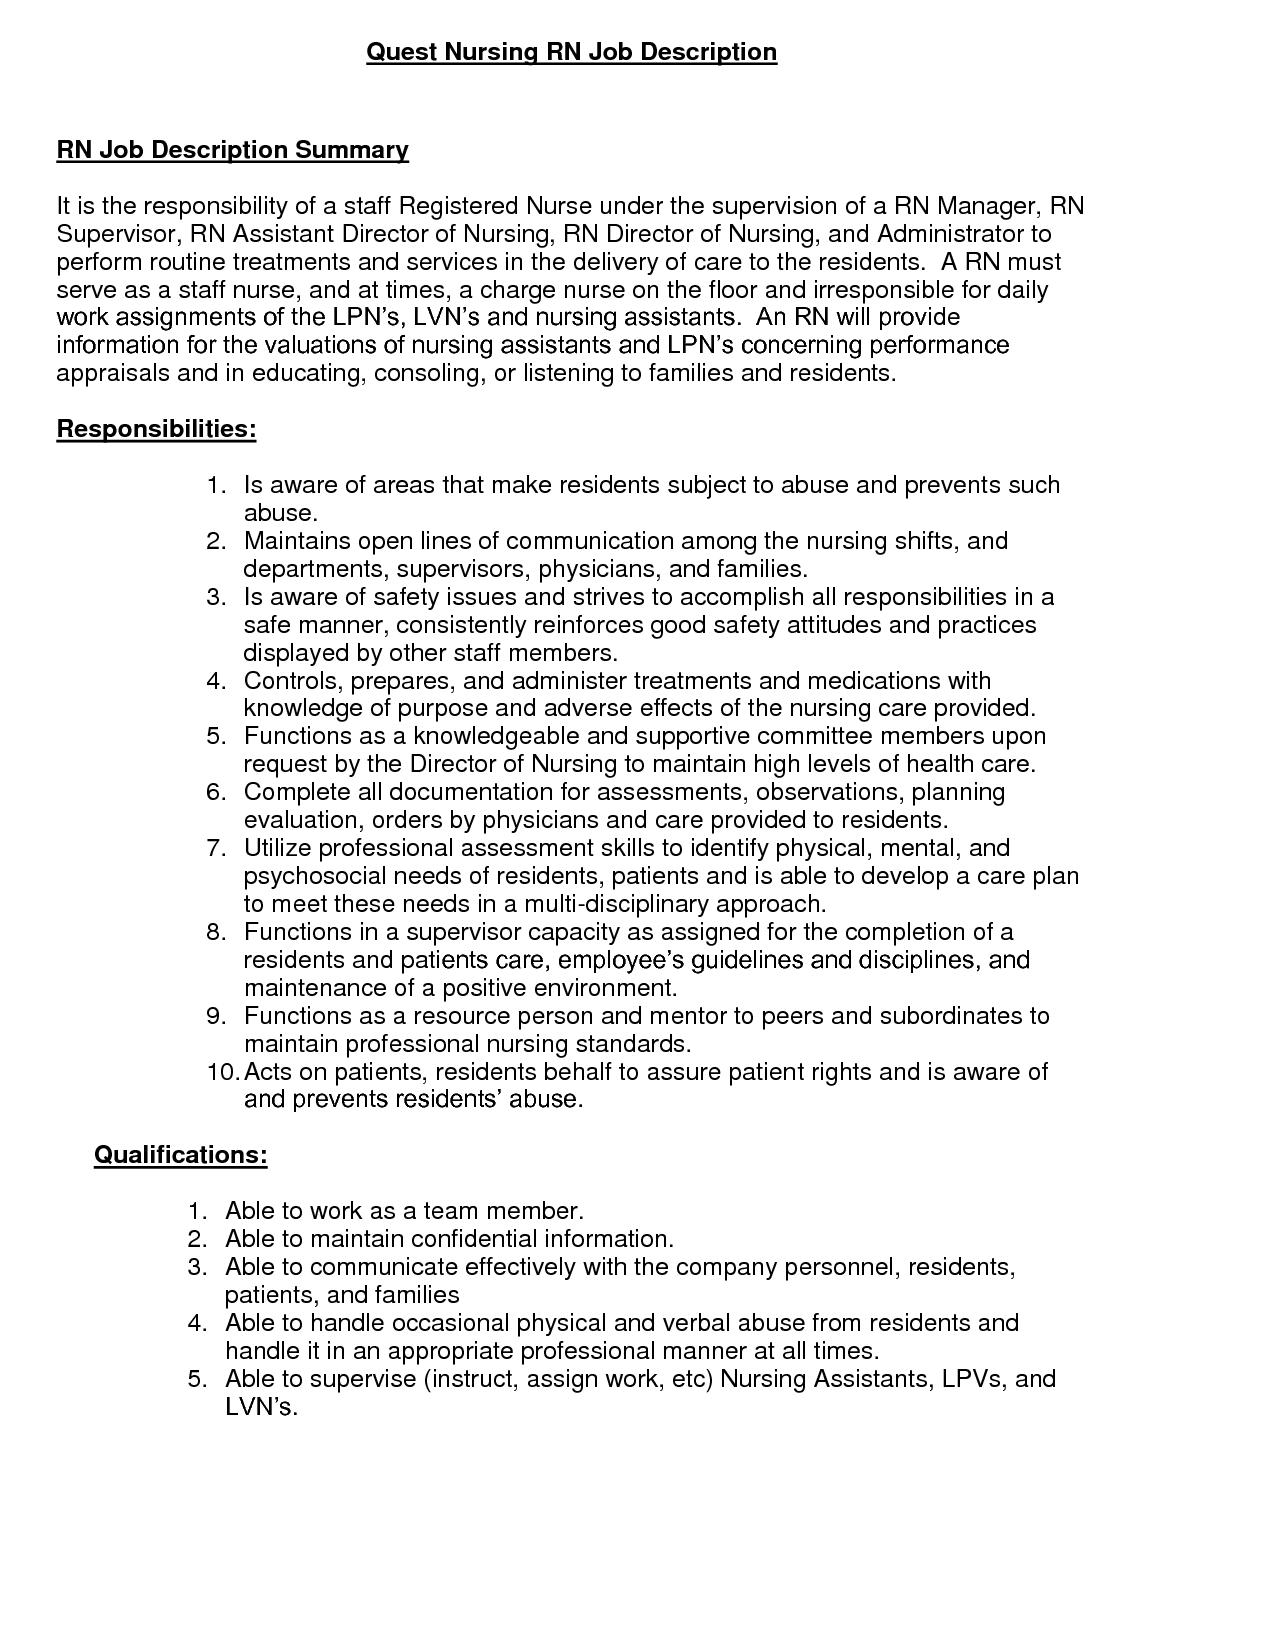 LaParis on emaze – Rn Job Description